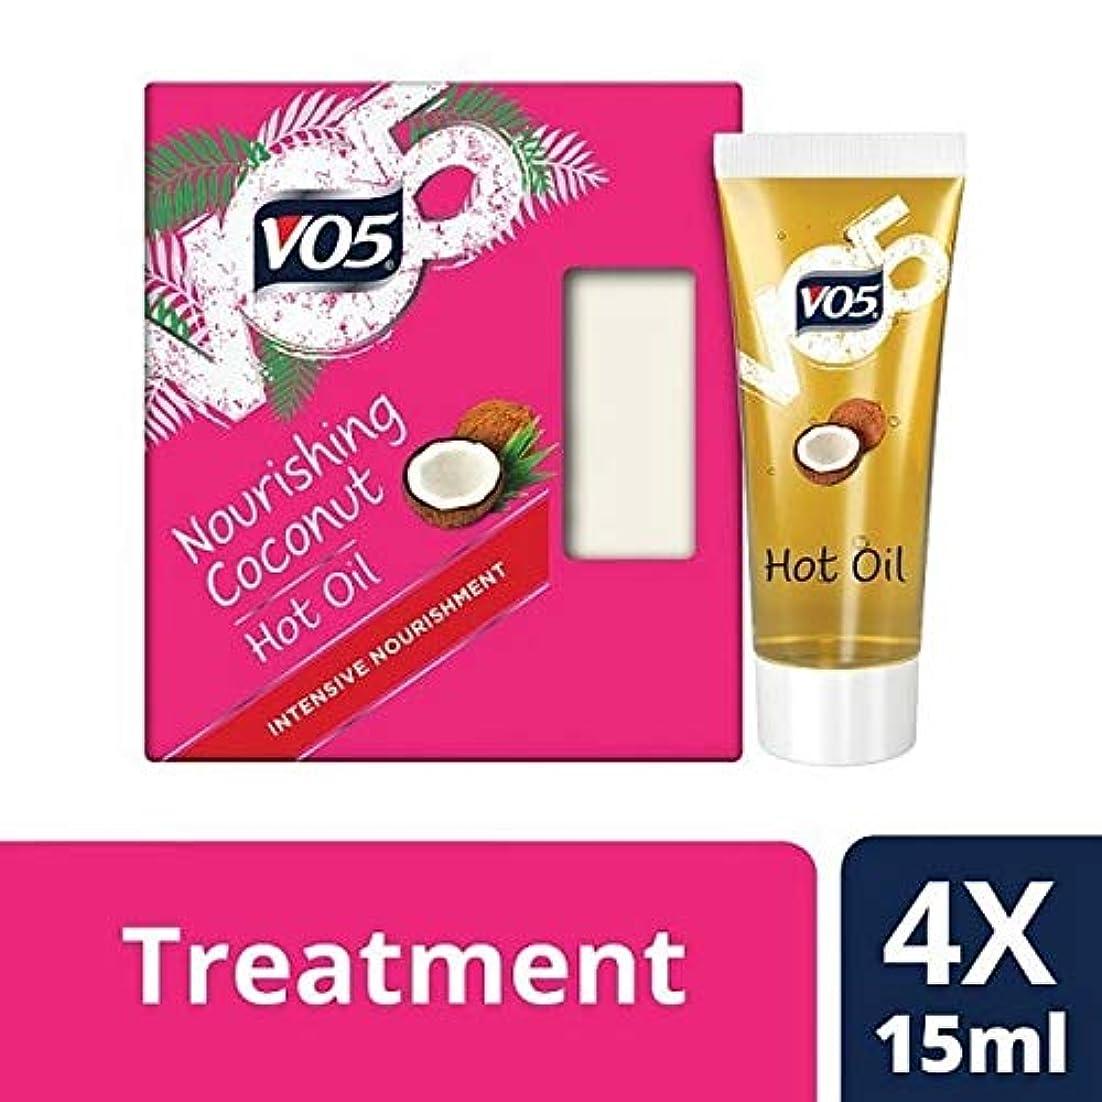 ターゲット事実上じゃない[VO5] Vo5栄養ココナッツ熱油4X15Ml - VO5 Nourishing Coconut Hot Oil 4x15ml [並行輸入品]